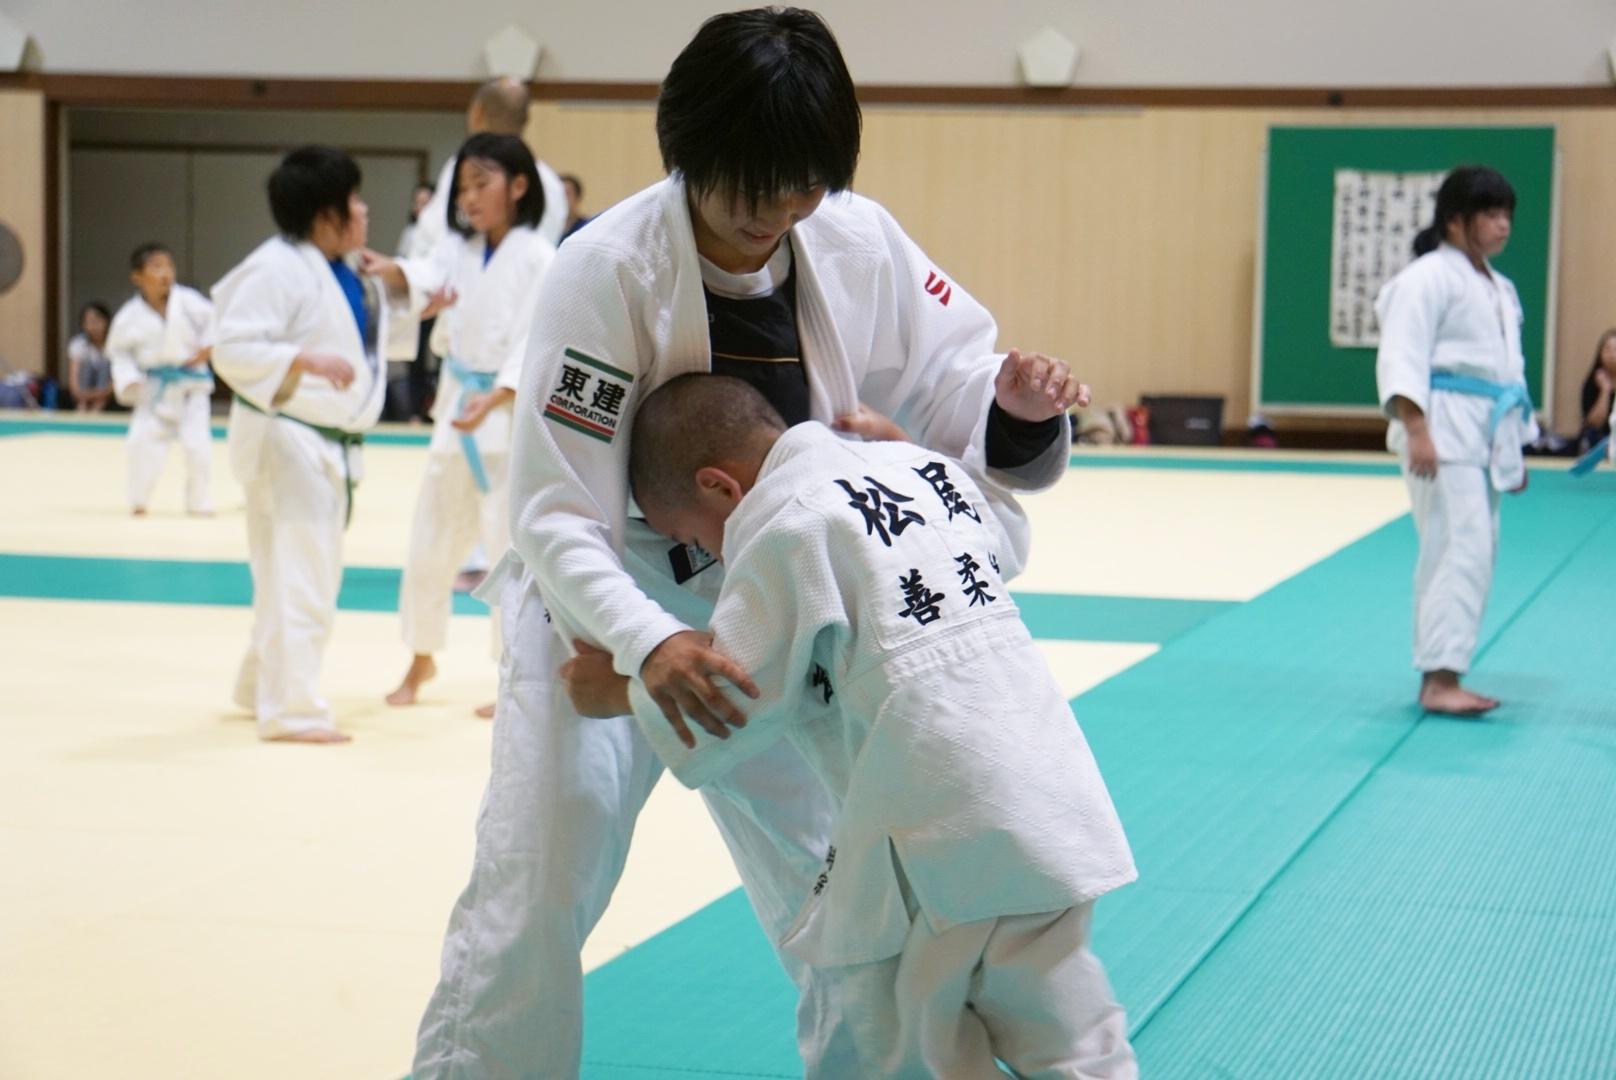 2019 全国中学校柔道大会_b0172494_21444074.jpg